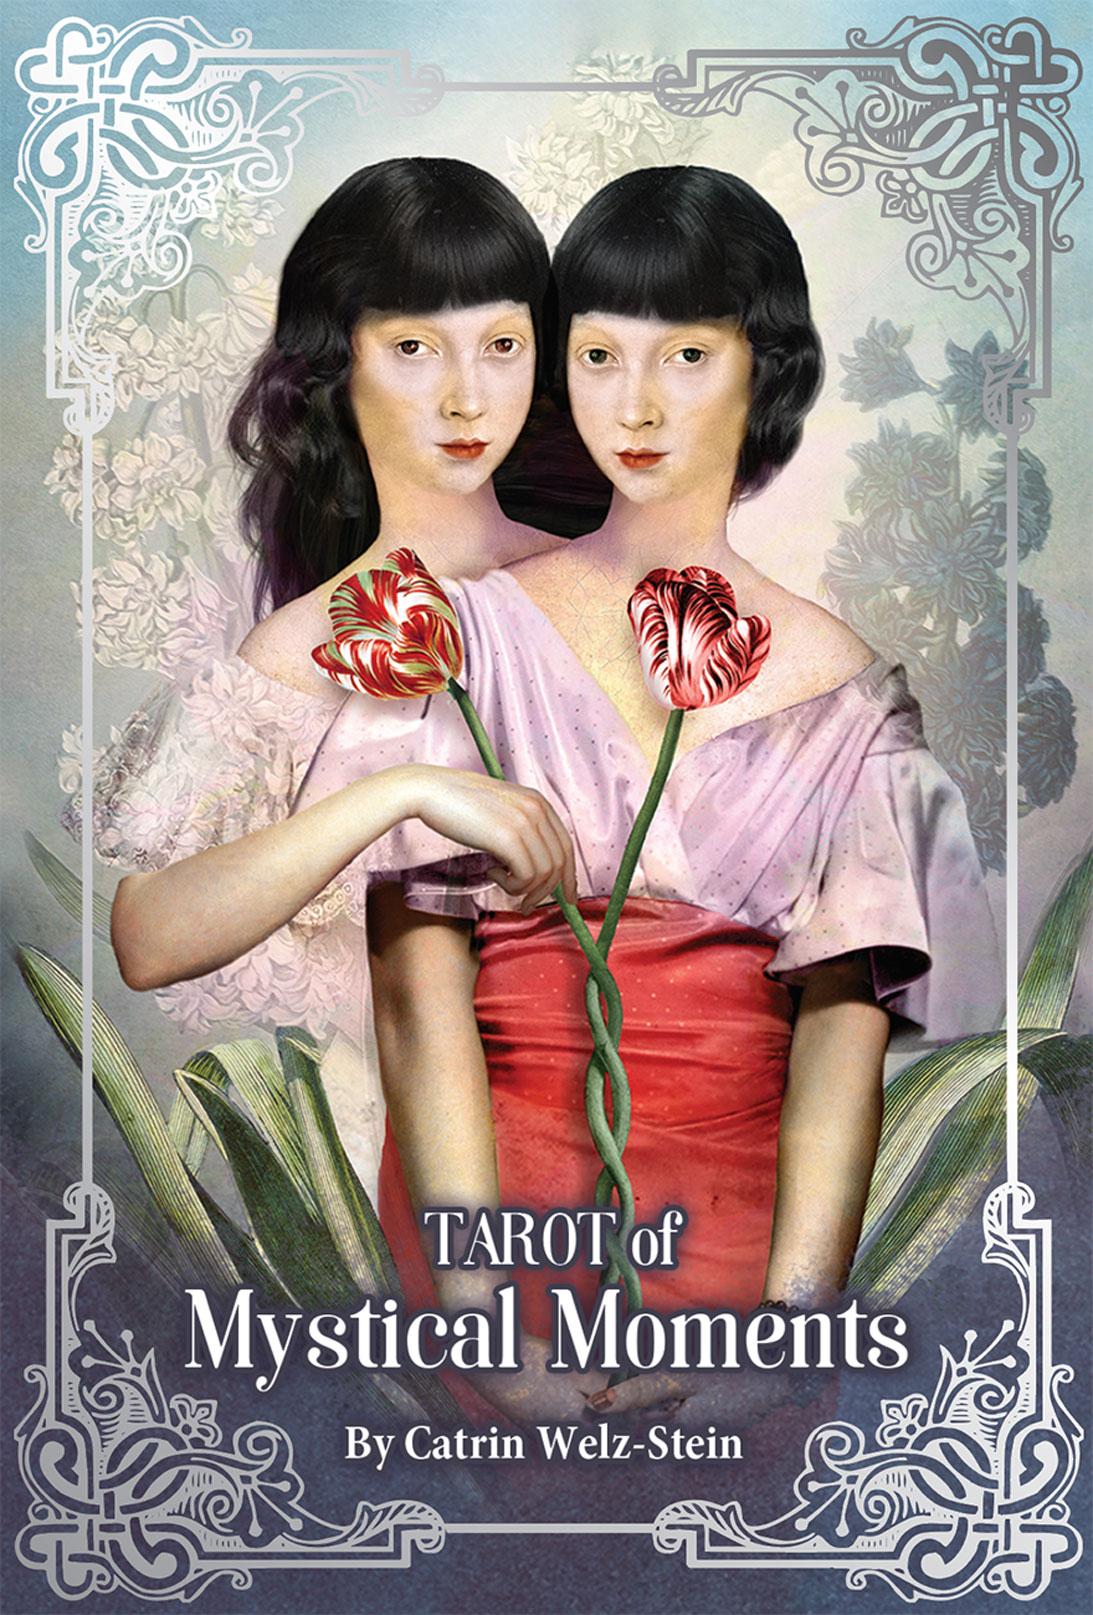 Tarot of Mystical Moments (Pre-order Dec 2020)